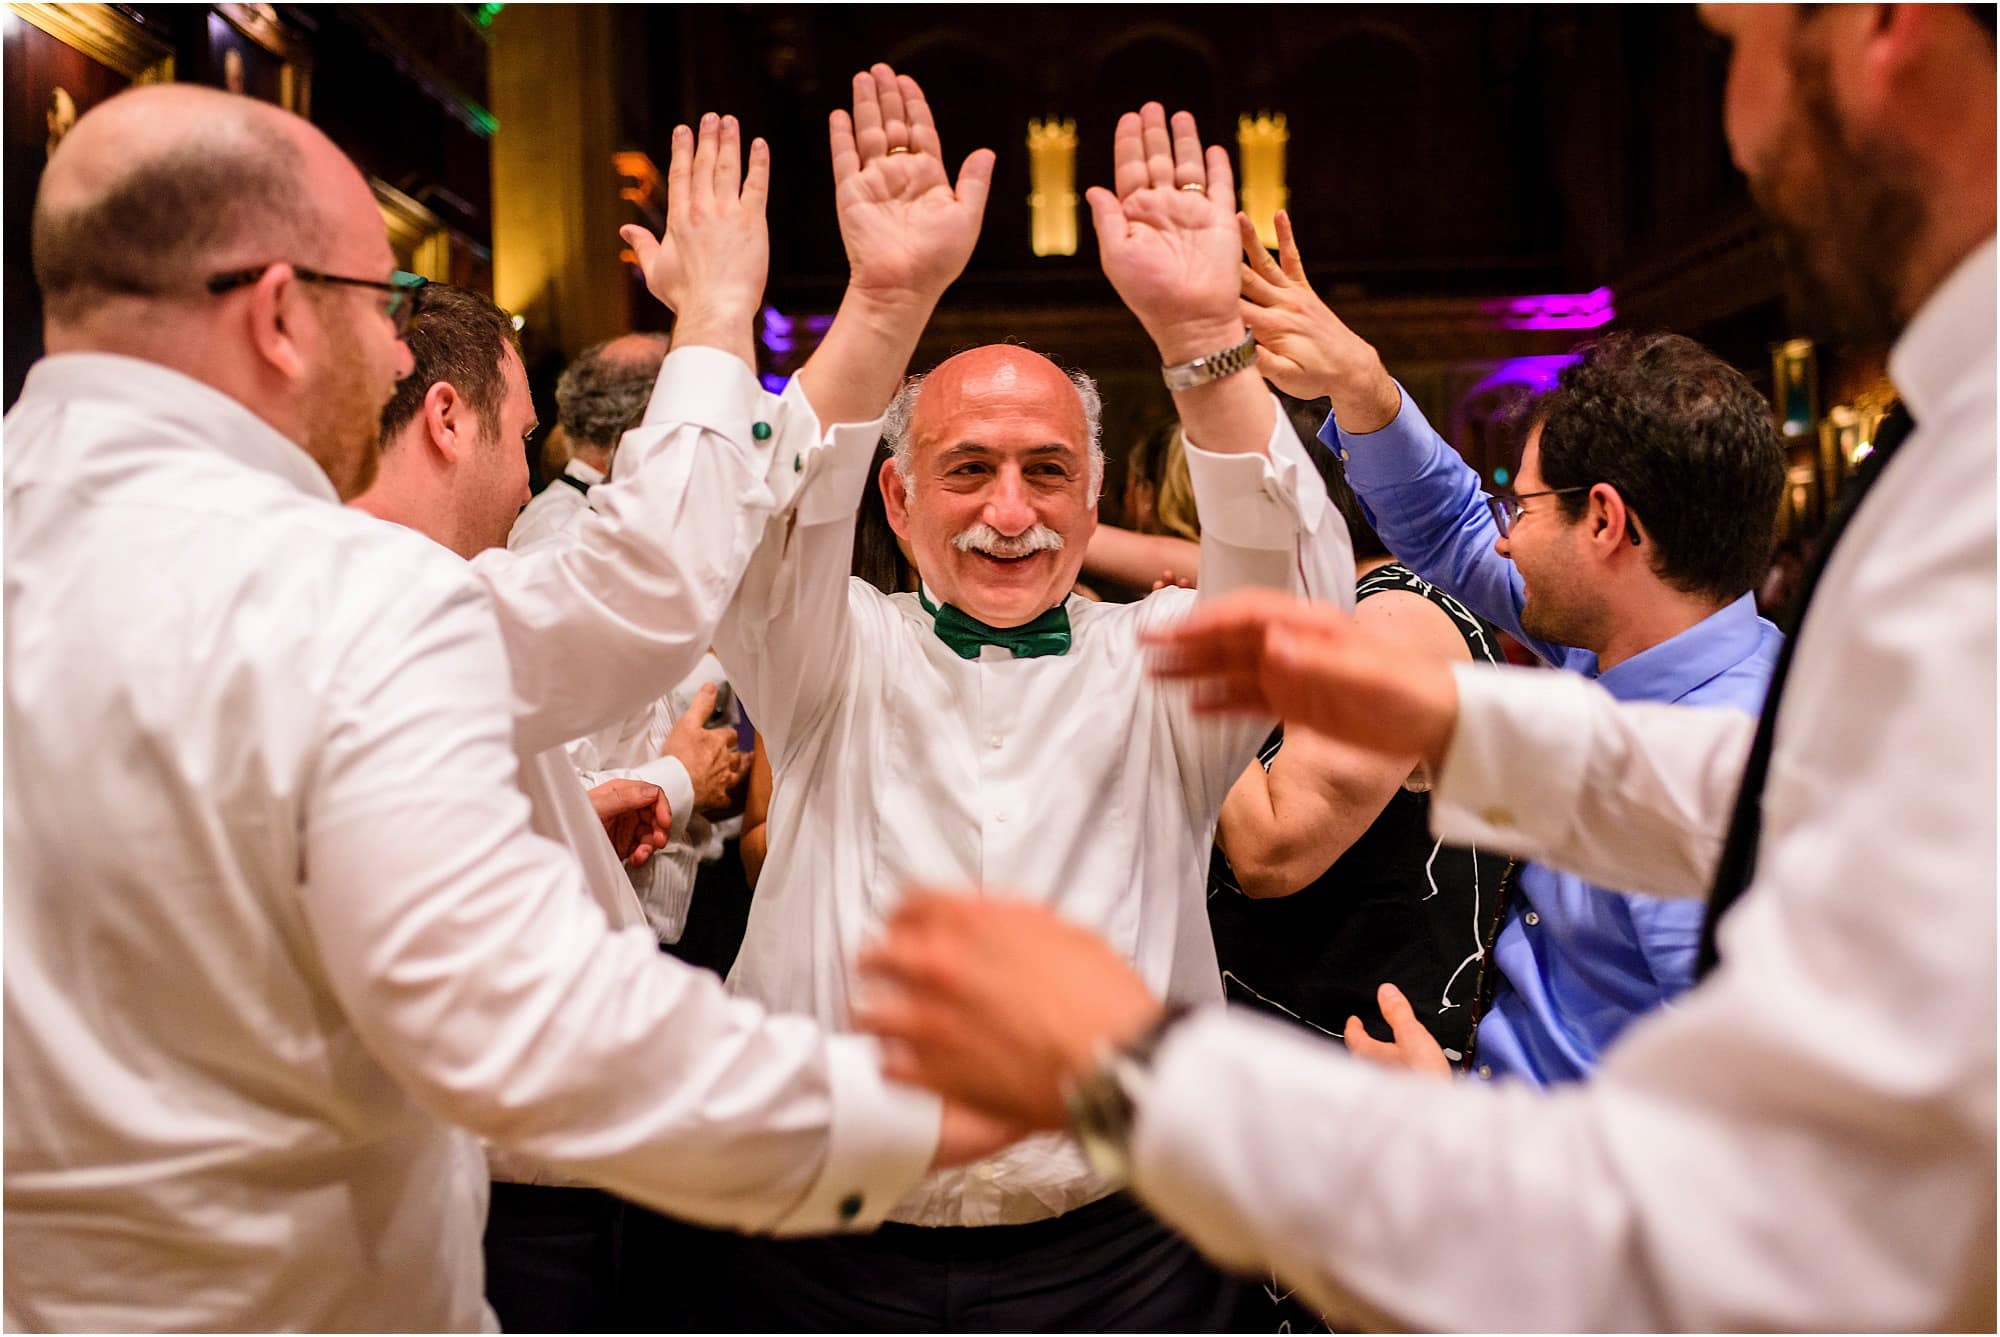 Best Jewish wedding ever?